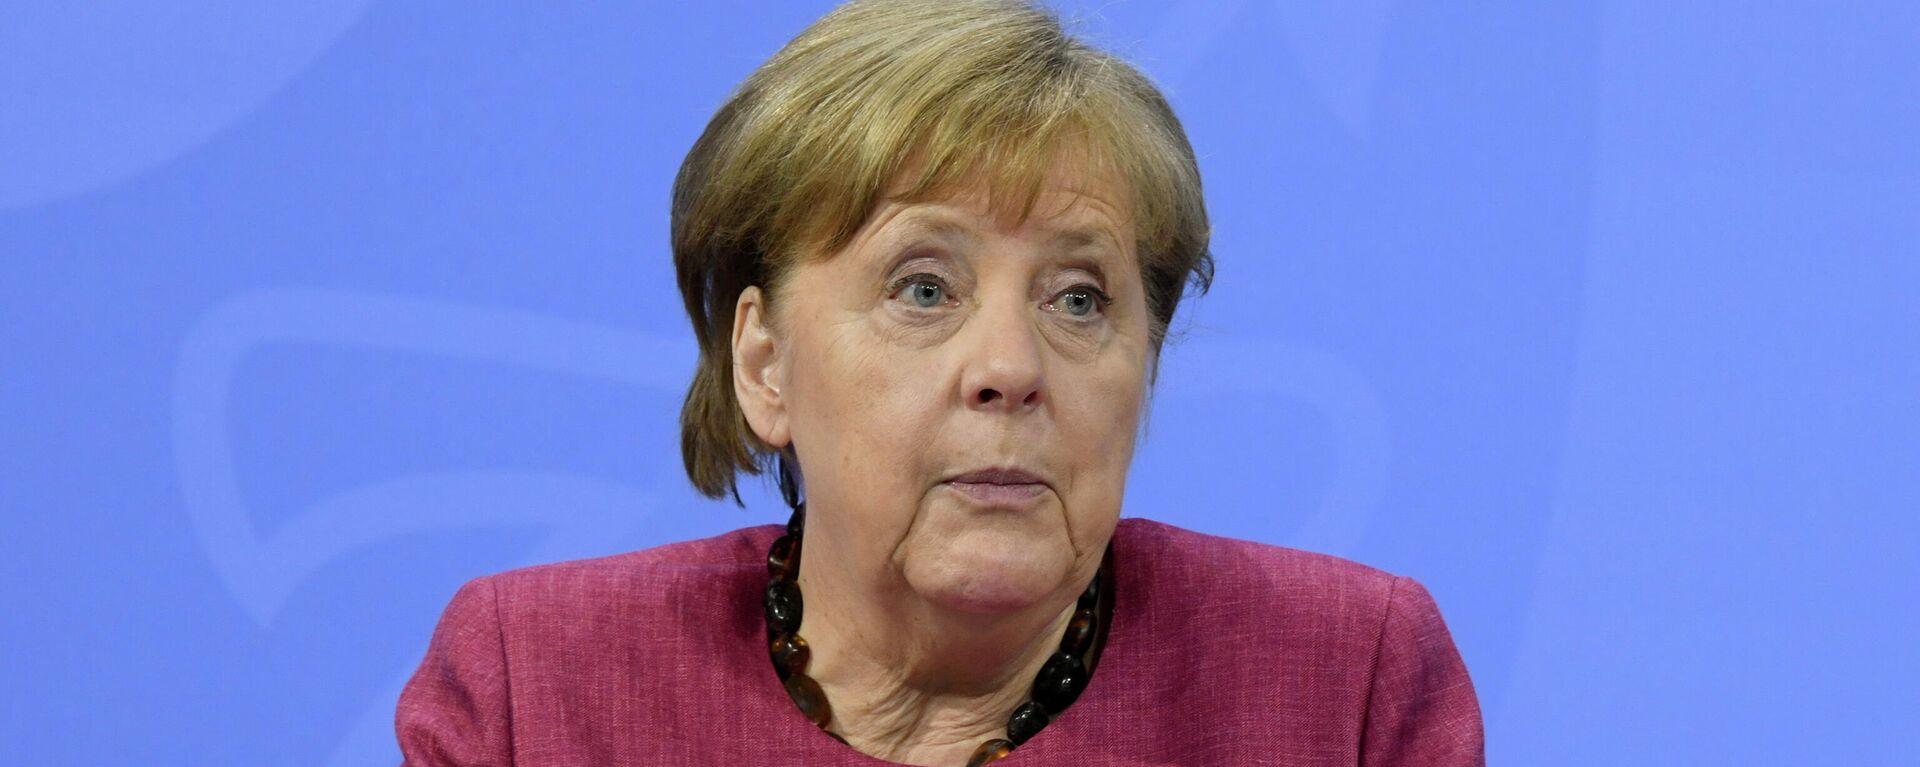 Bundeskanzlerin Angela Merkel - SNA, 1920, 08.06.2021